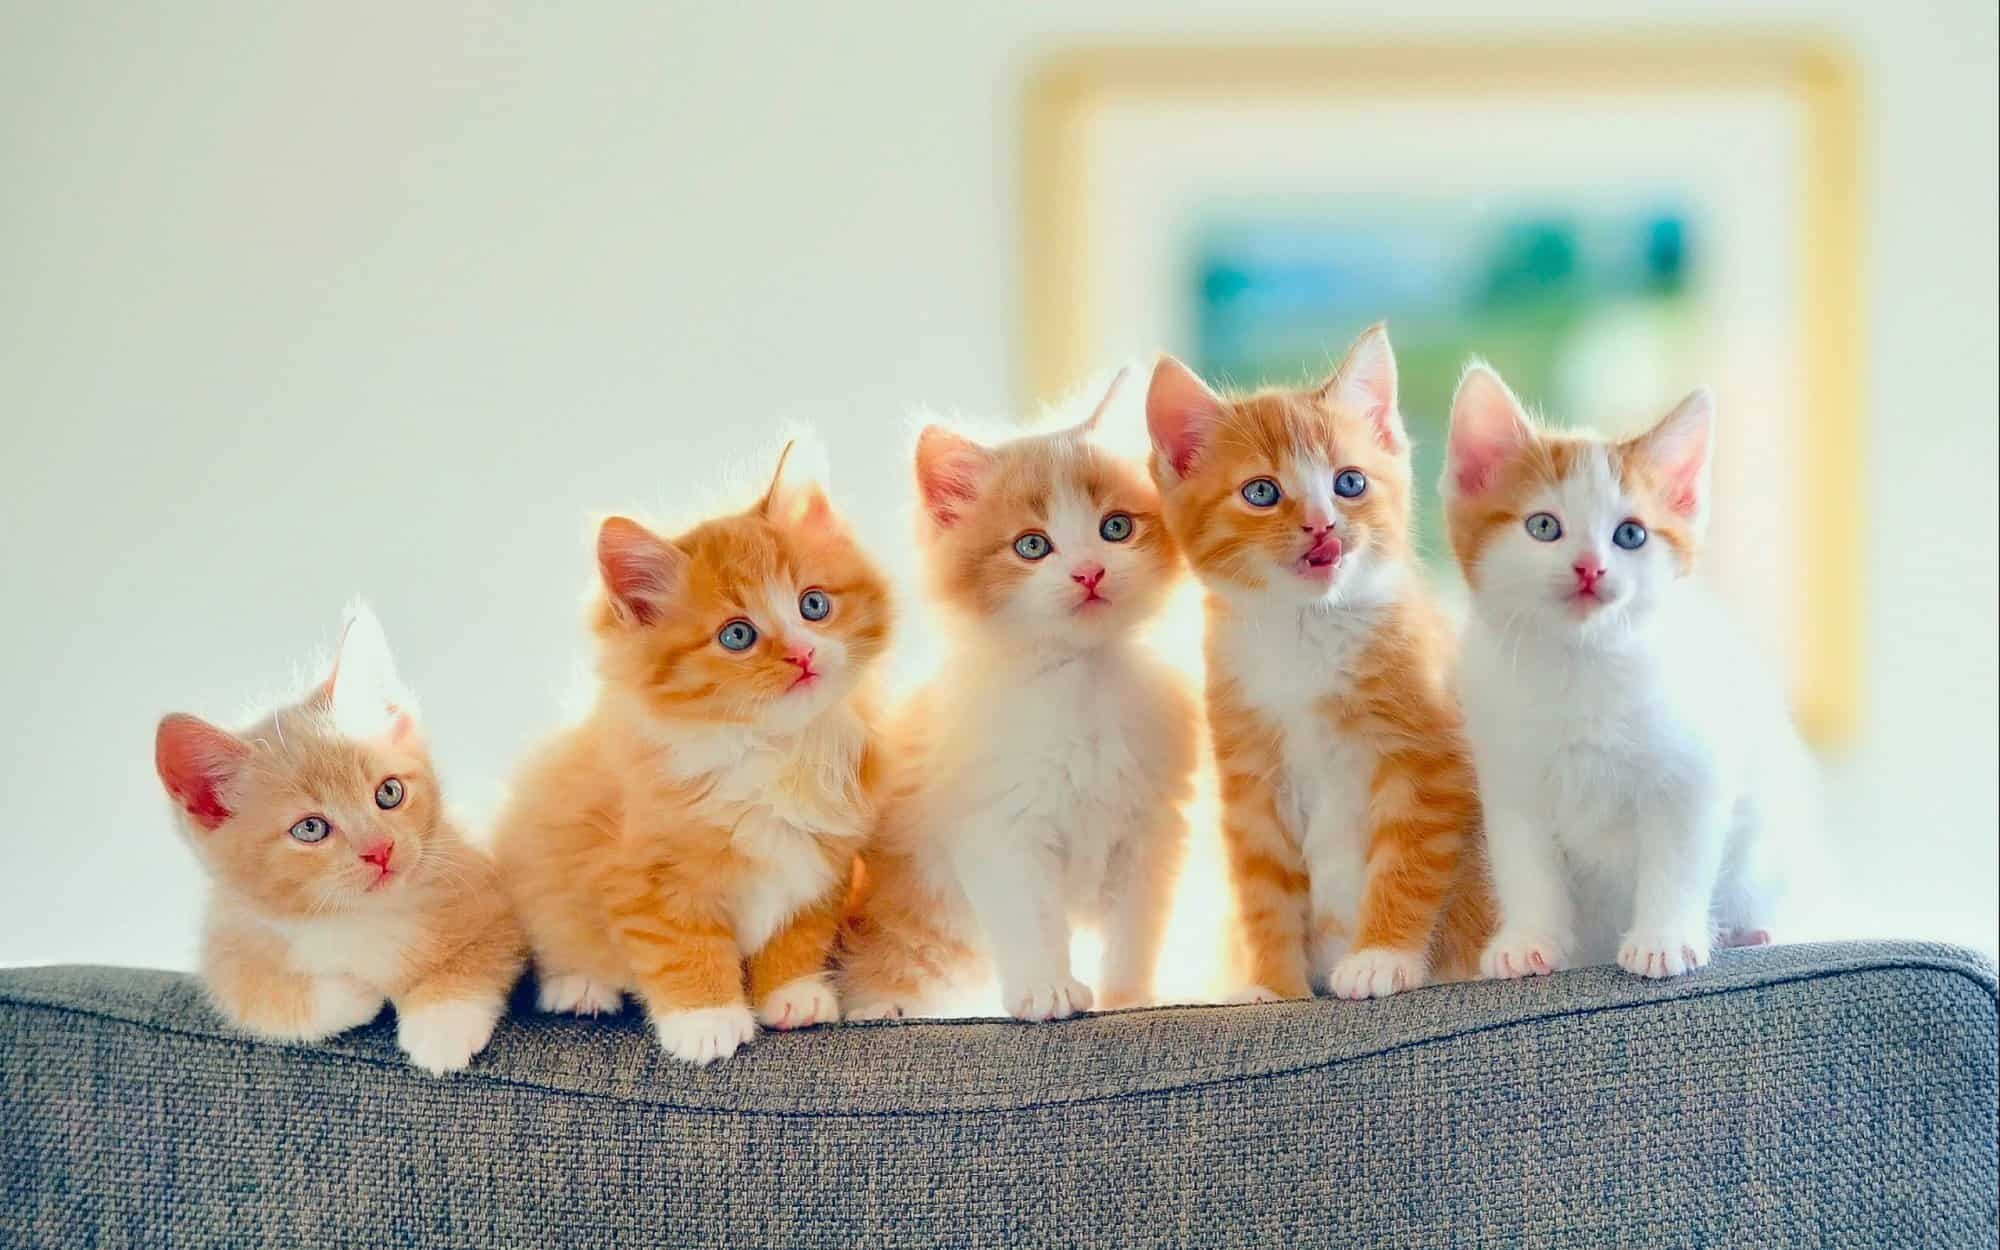 صور صور قطط جميلة , شاهد صور قطط جميلة